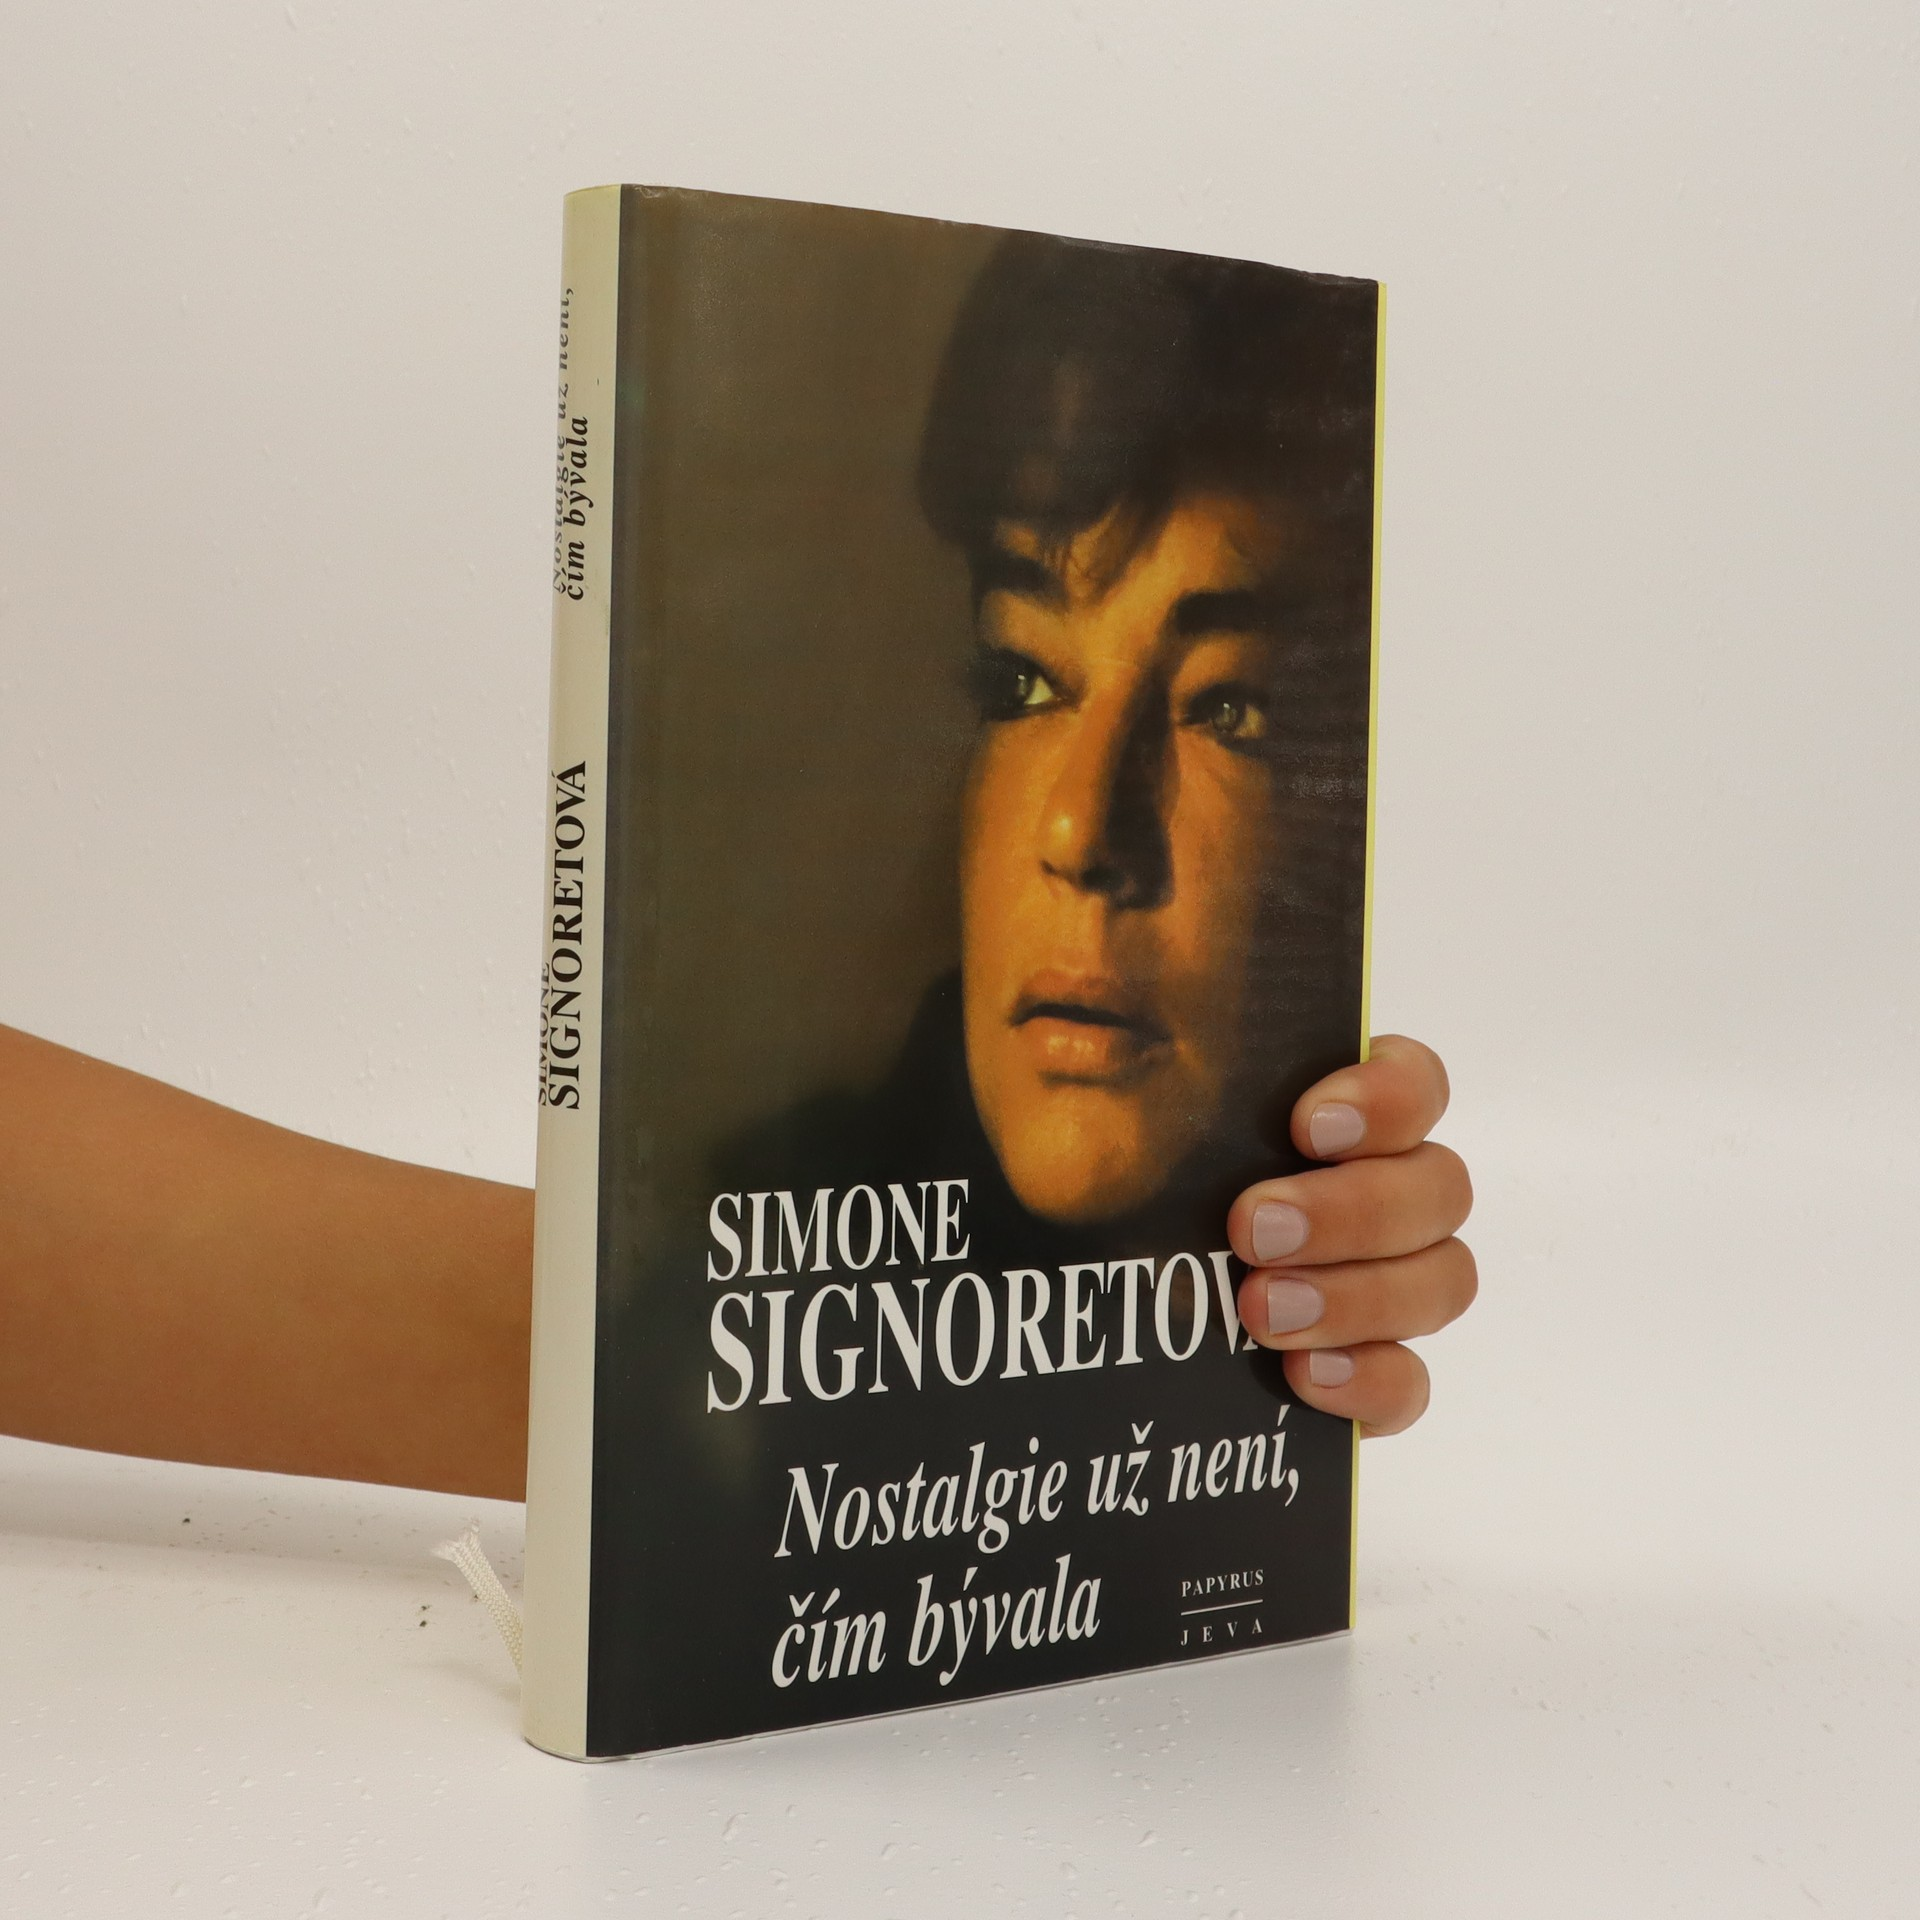 antikvární kniha Nostalgie už není, čím bývala, 1997